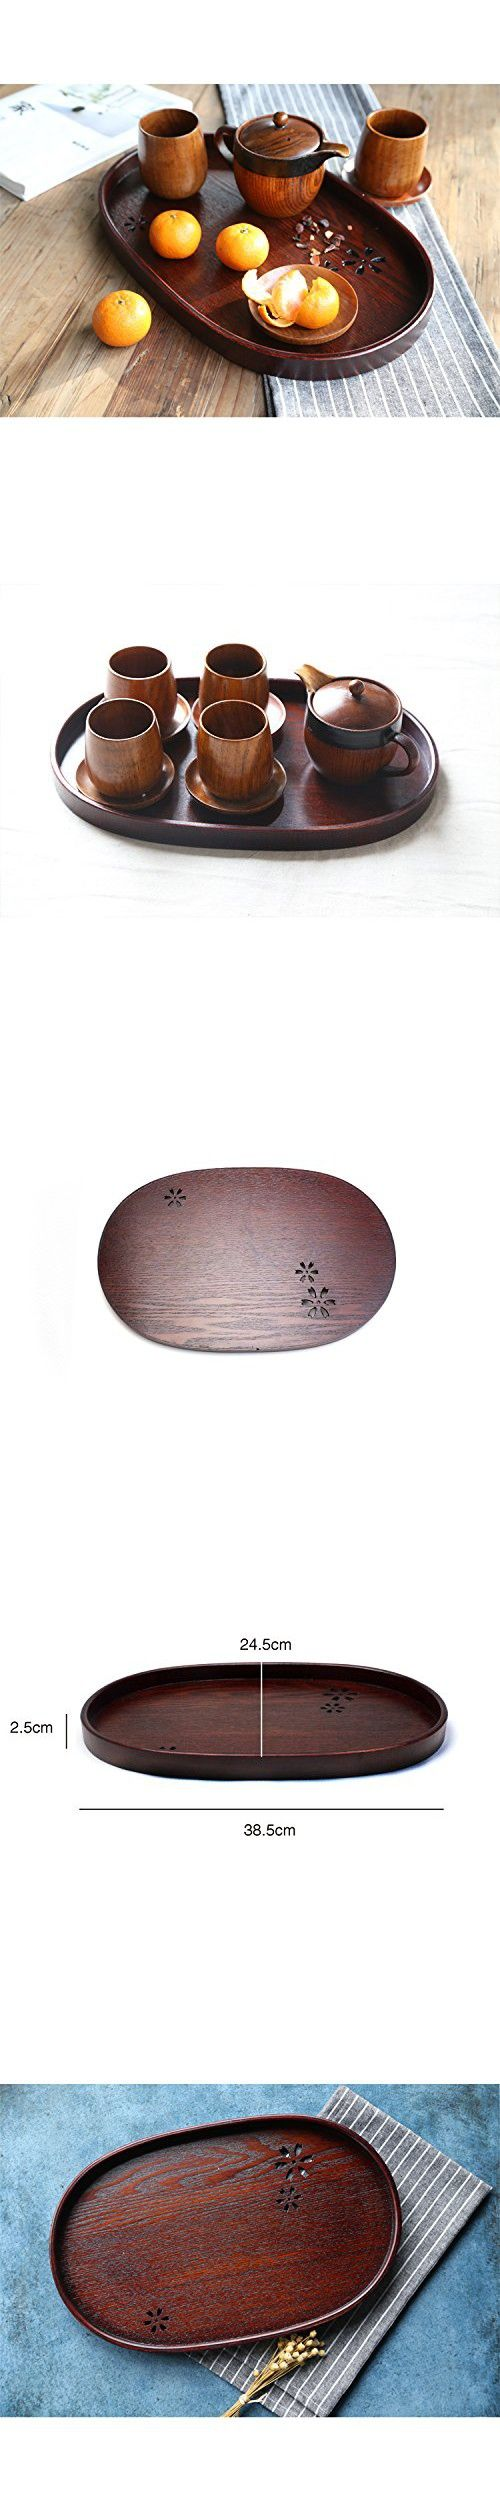 Large Decorative Serving Trays Beauteous 428 Best Decorative Trays Images On Pinterest  Decorative Trays Design Ideas